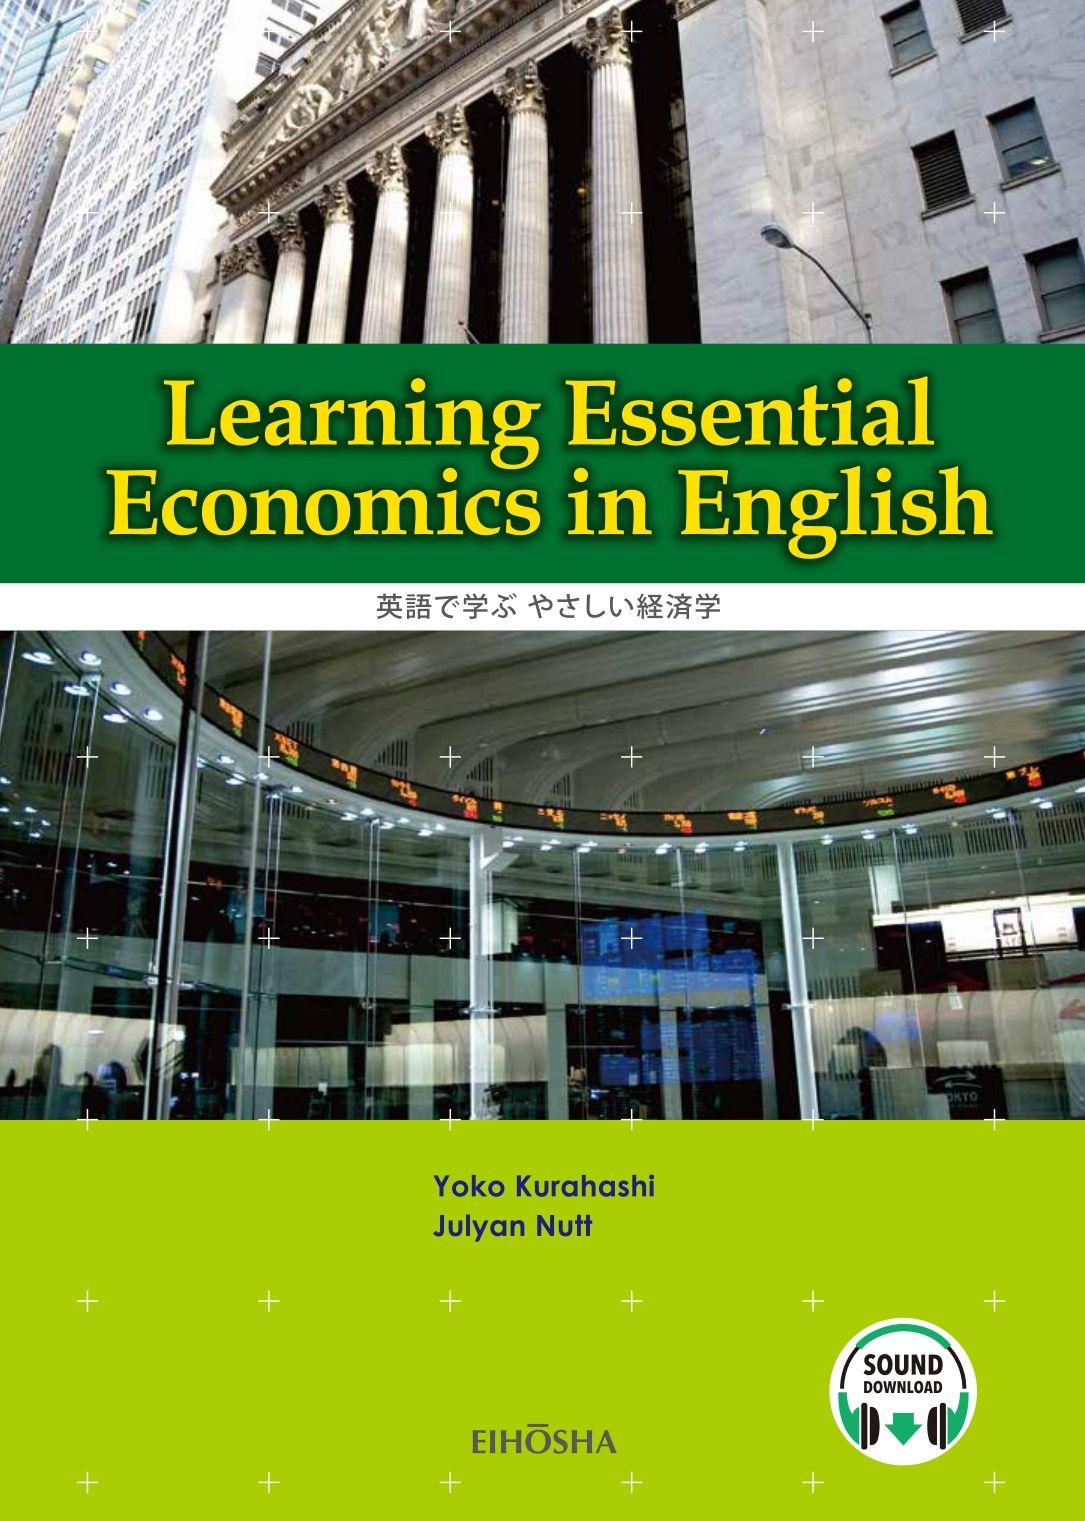 英語で学ぶやさしい経済学